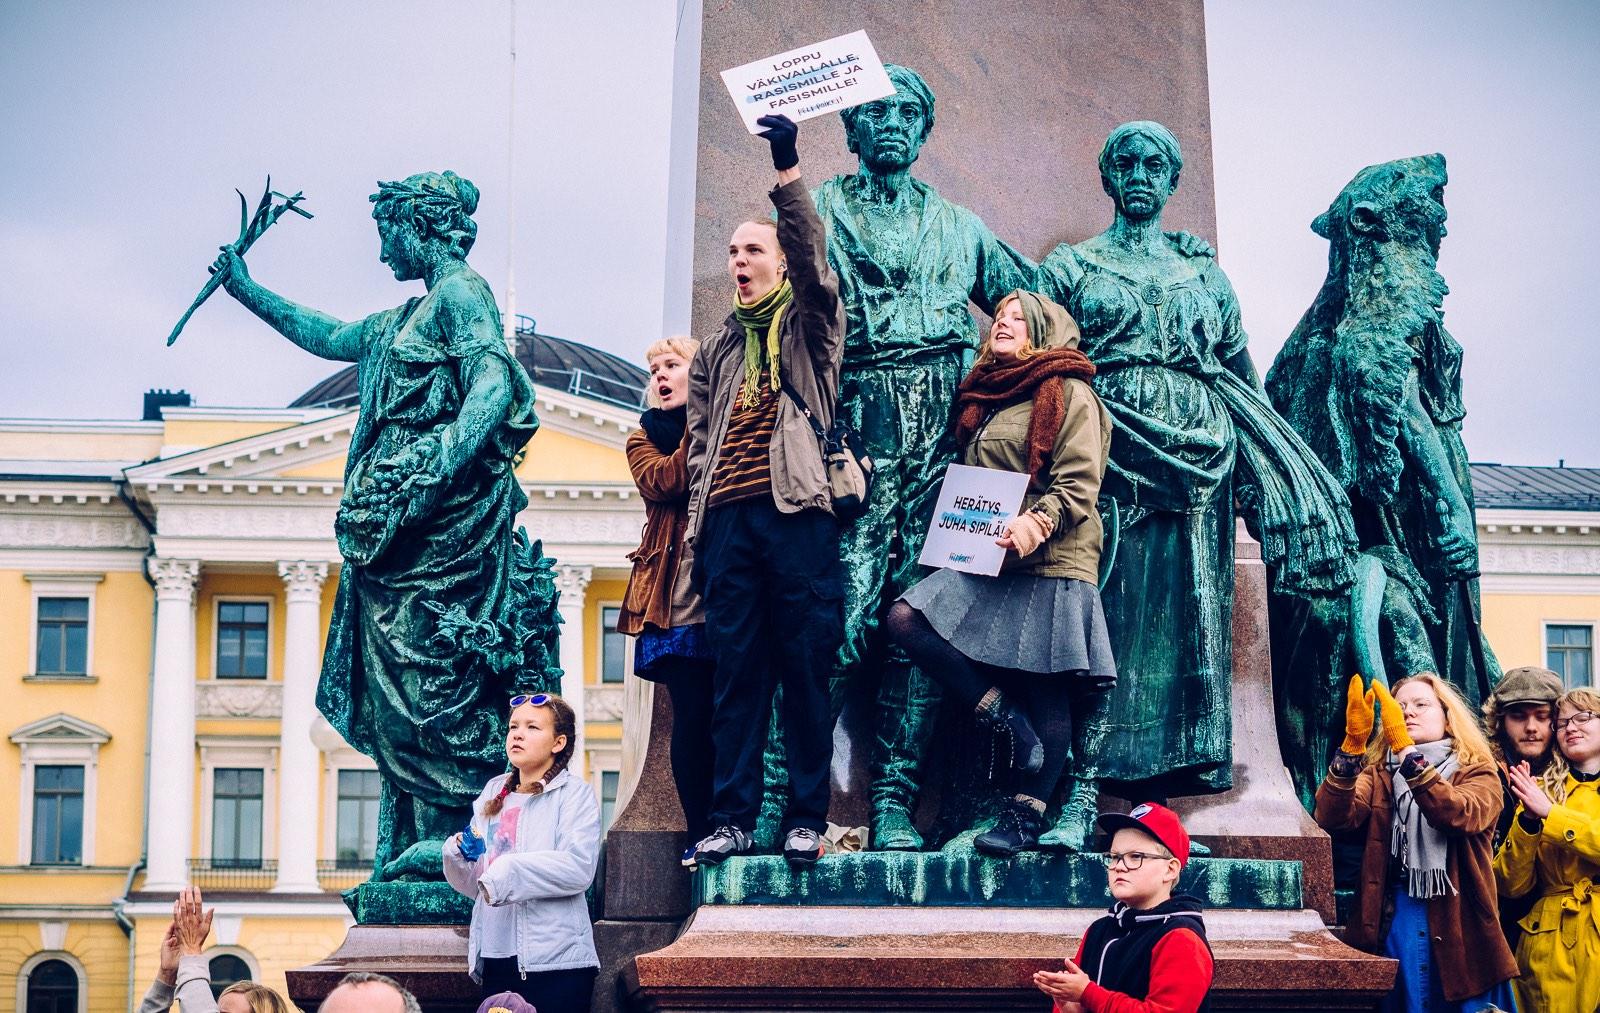 peli-poikki-anti-racist-march-15